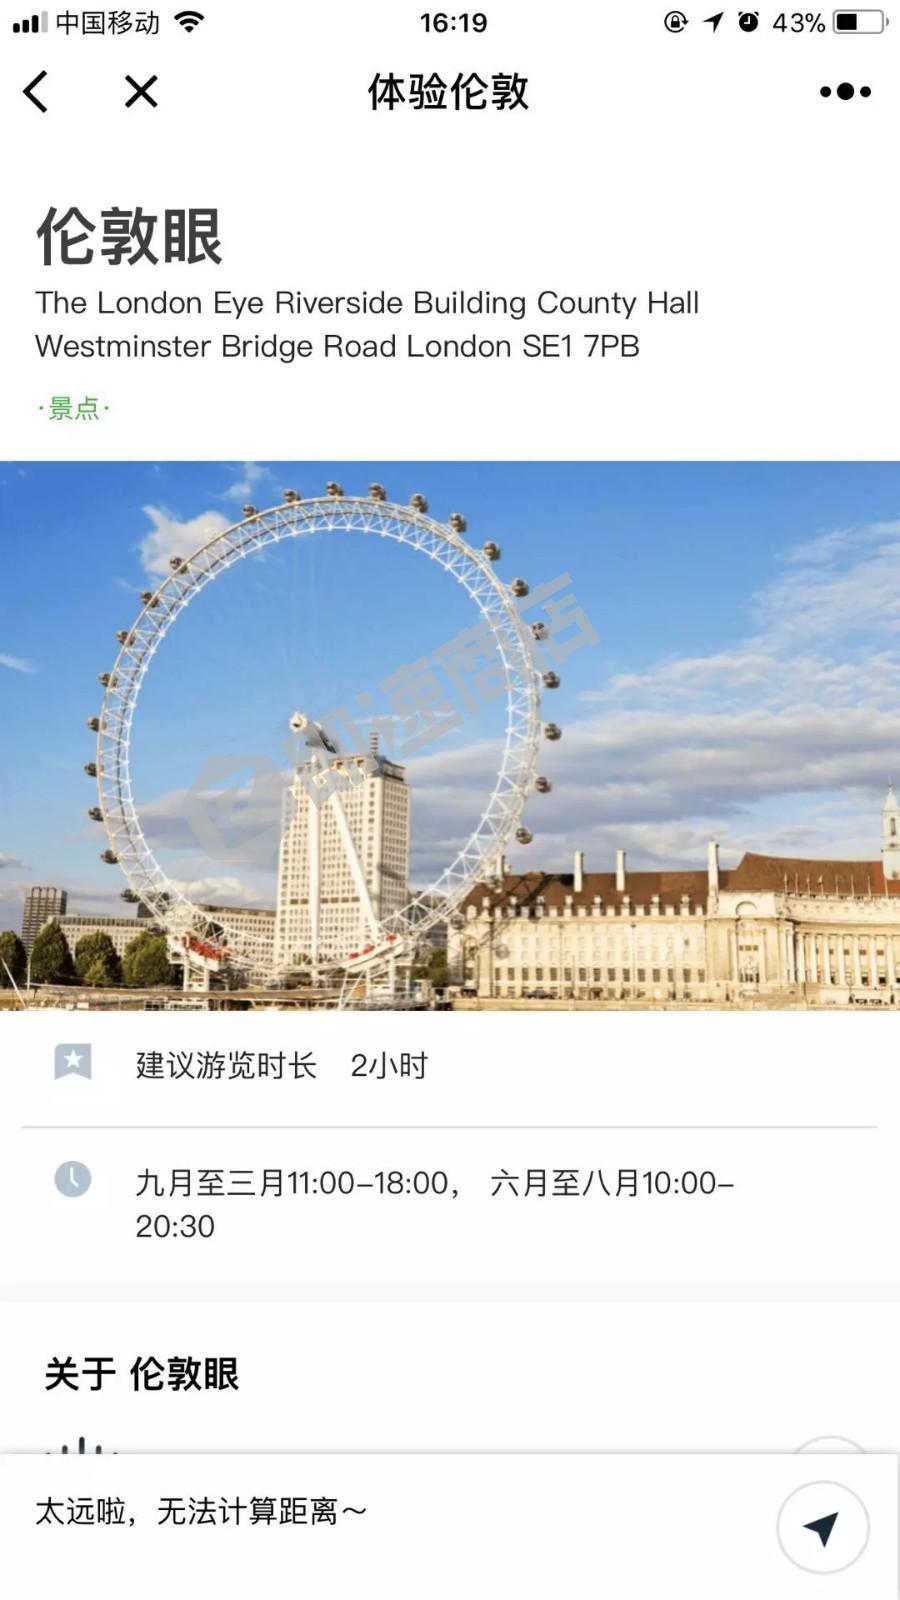 体验伦敦小程序详情页截图